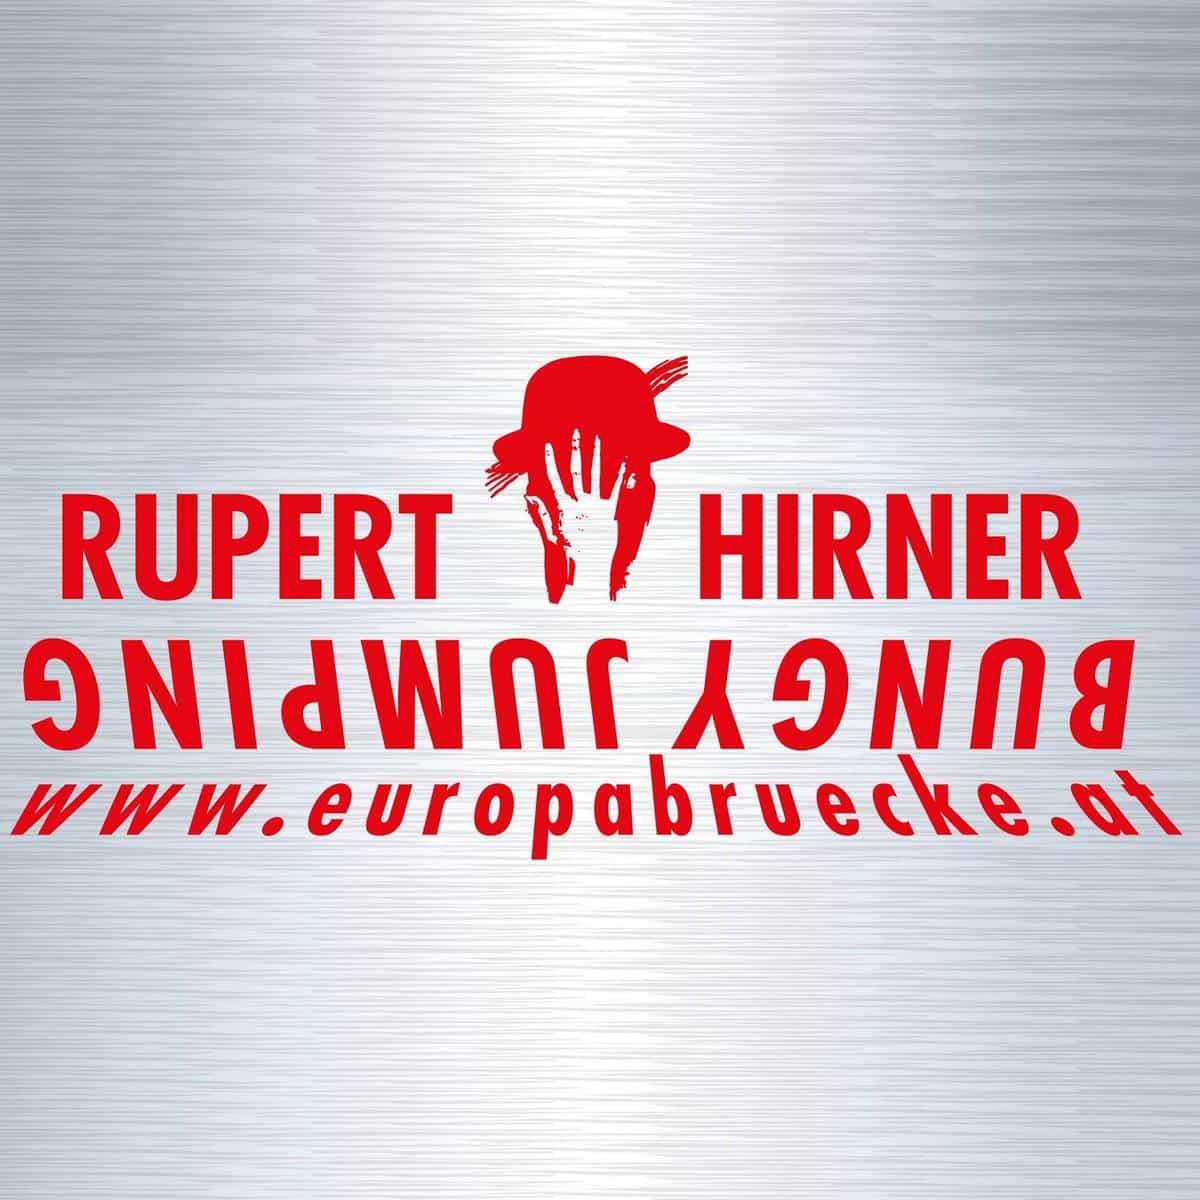 Rupert Hirner Bungy Jumping Kärnten - Logo